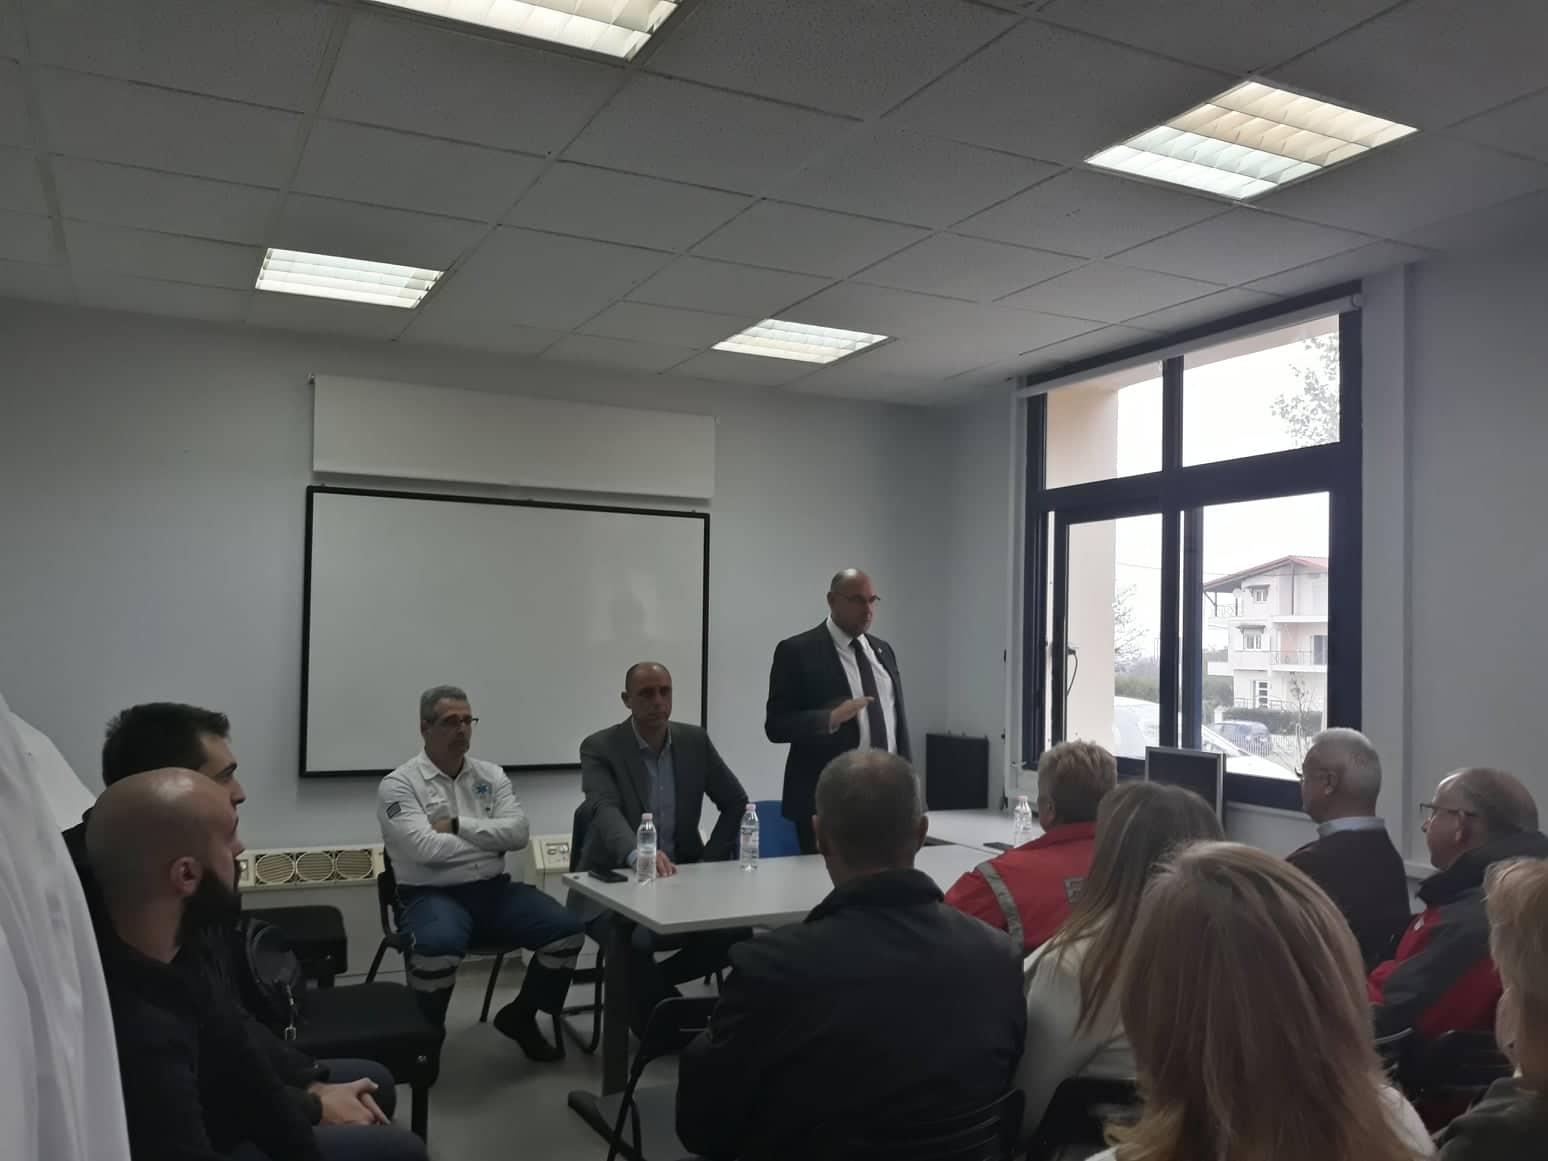 Στη Λάρισα ο πρόεδρος του ΕΚΑΒ - Τι συζήτησε με τους εργαζόμενους (φωτο)